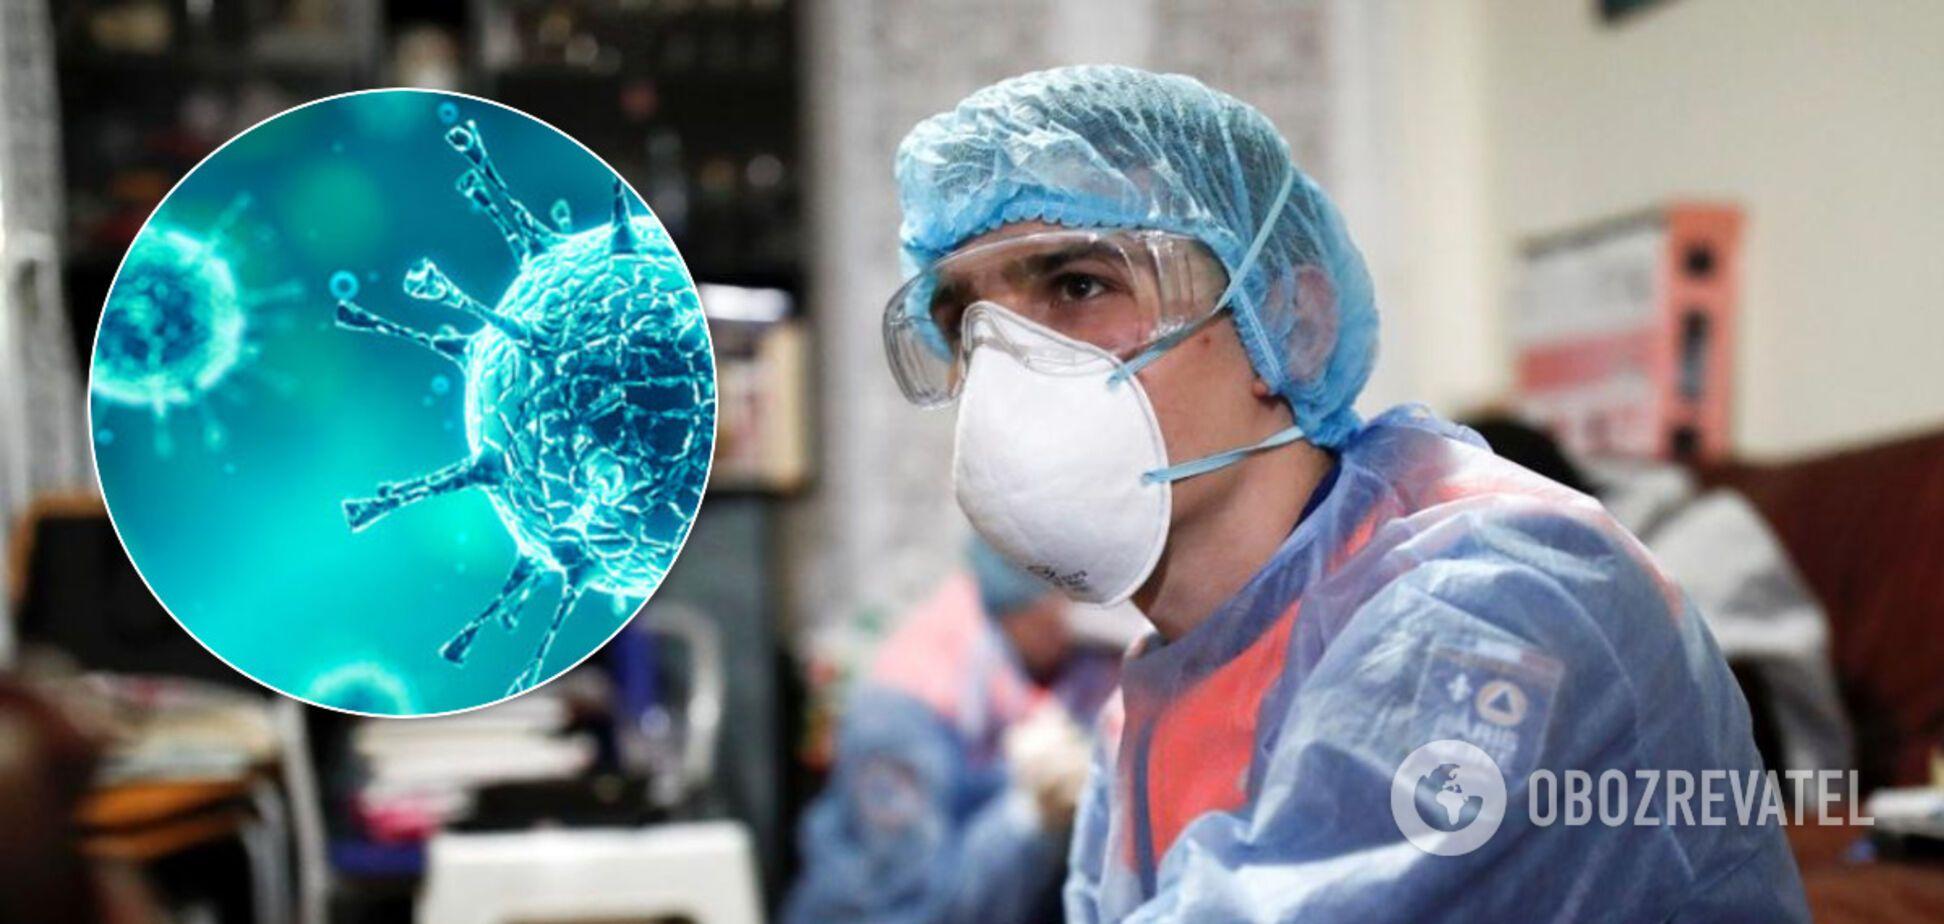 'У него COVID-19, а он обходы делает!' В Украине медики массово заразились коронавирусом: что происходит и кто виноват